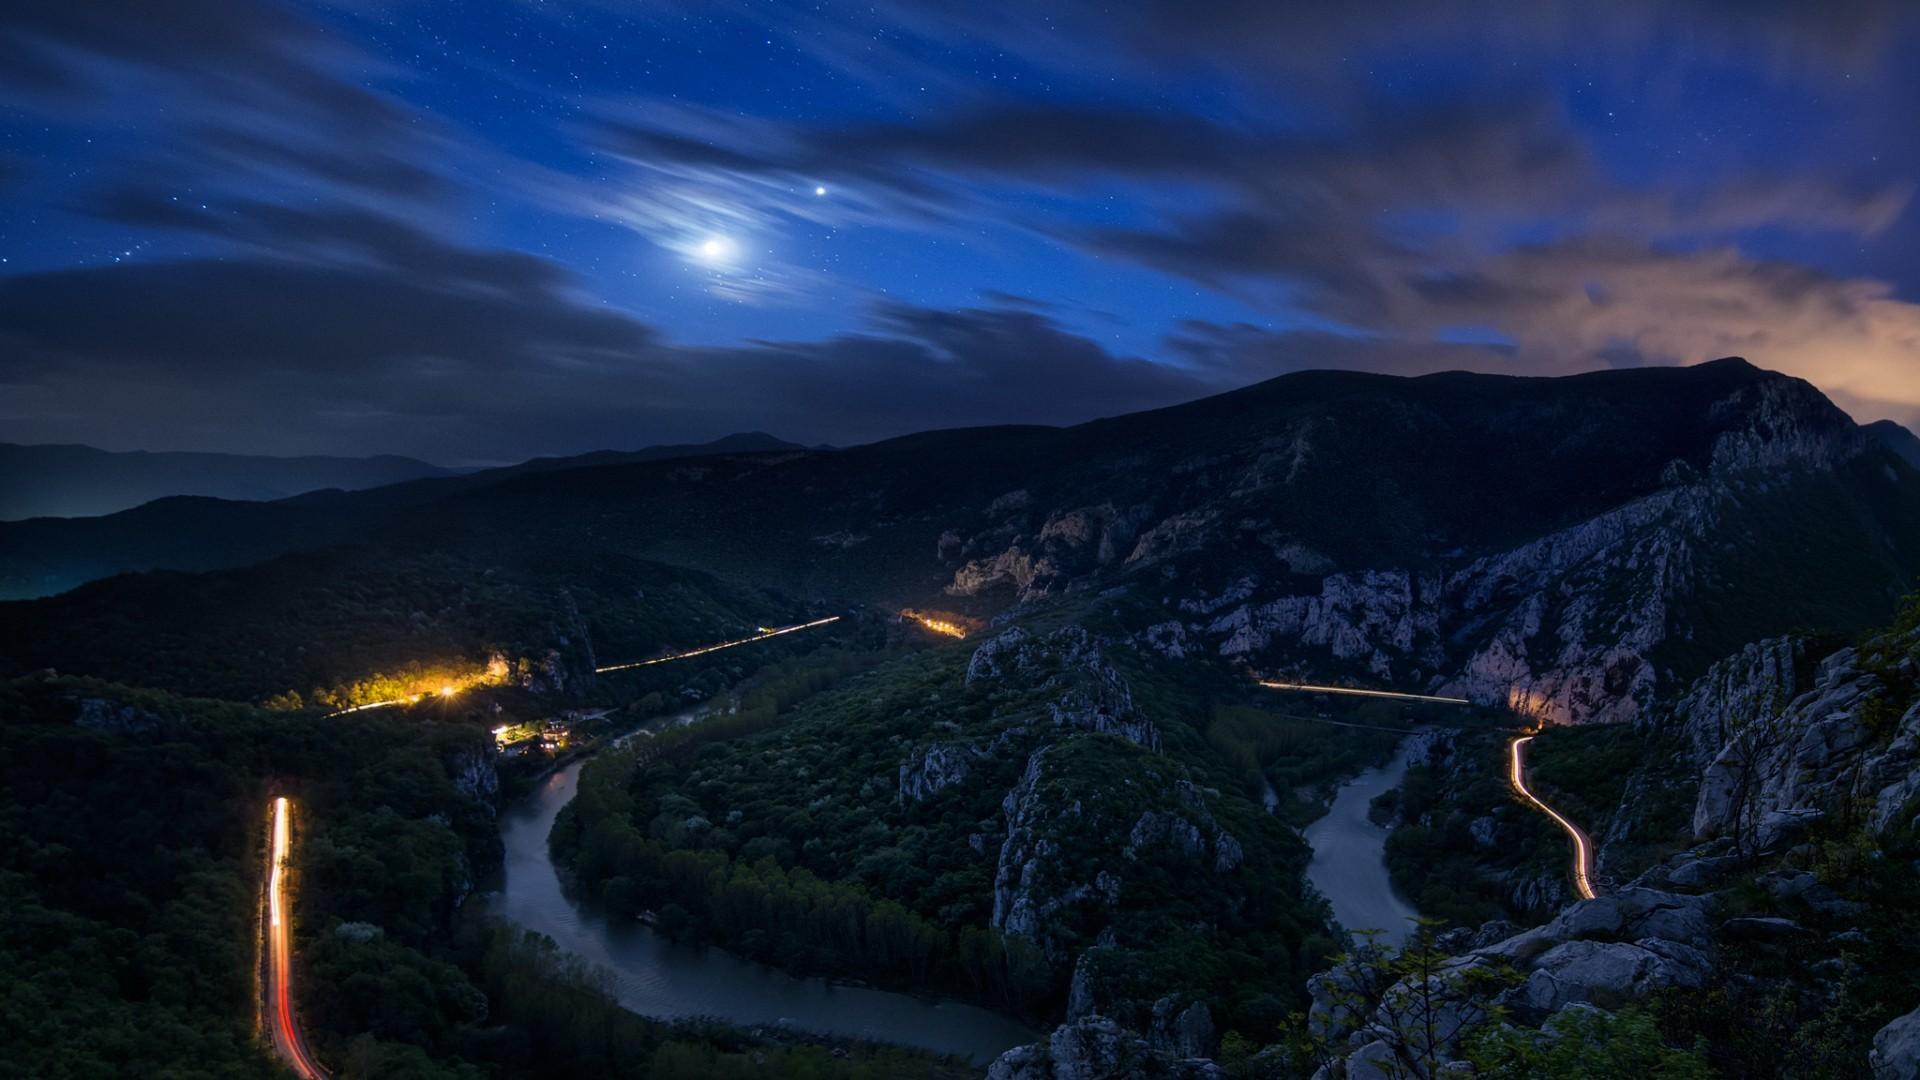 图片[2]-【壁纸分享】自然风景01-机核元素 - yangshader.com